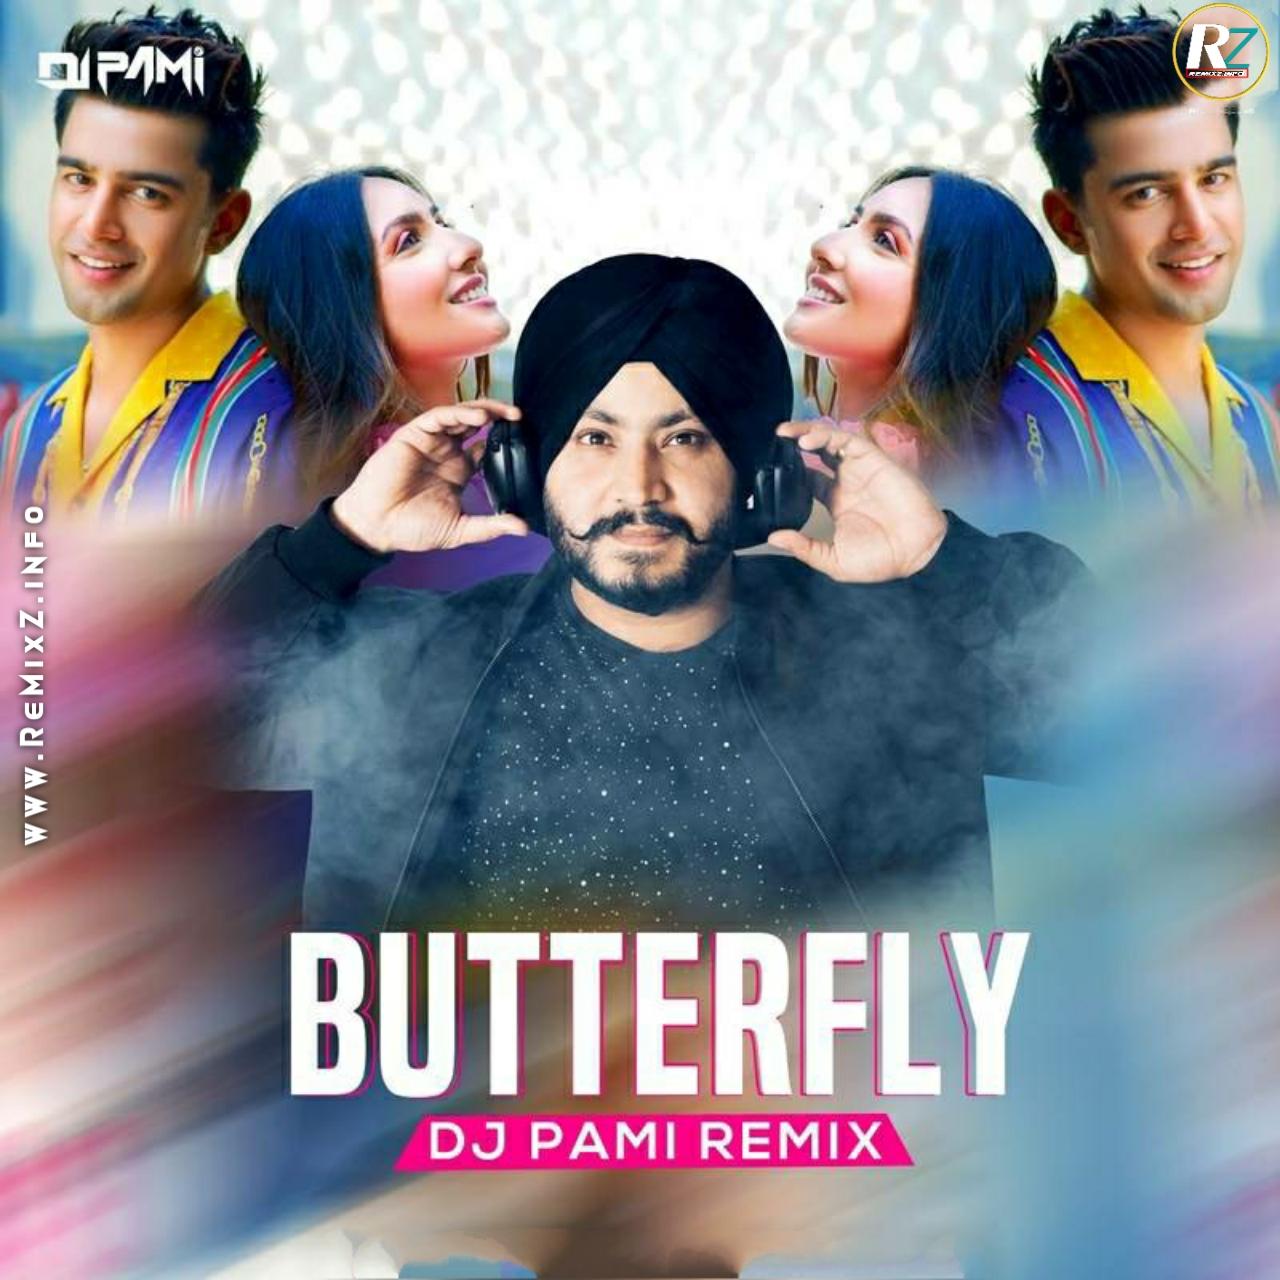 butterfly-jass-manak-remix-dj-pami.jpg